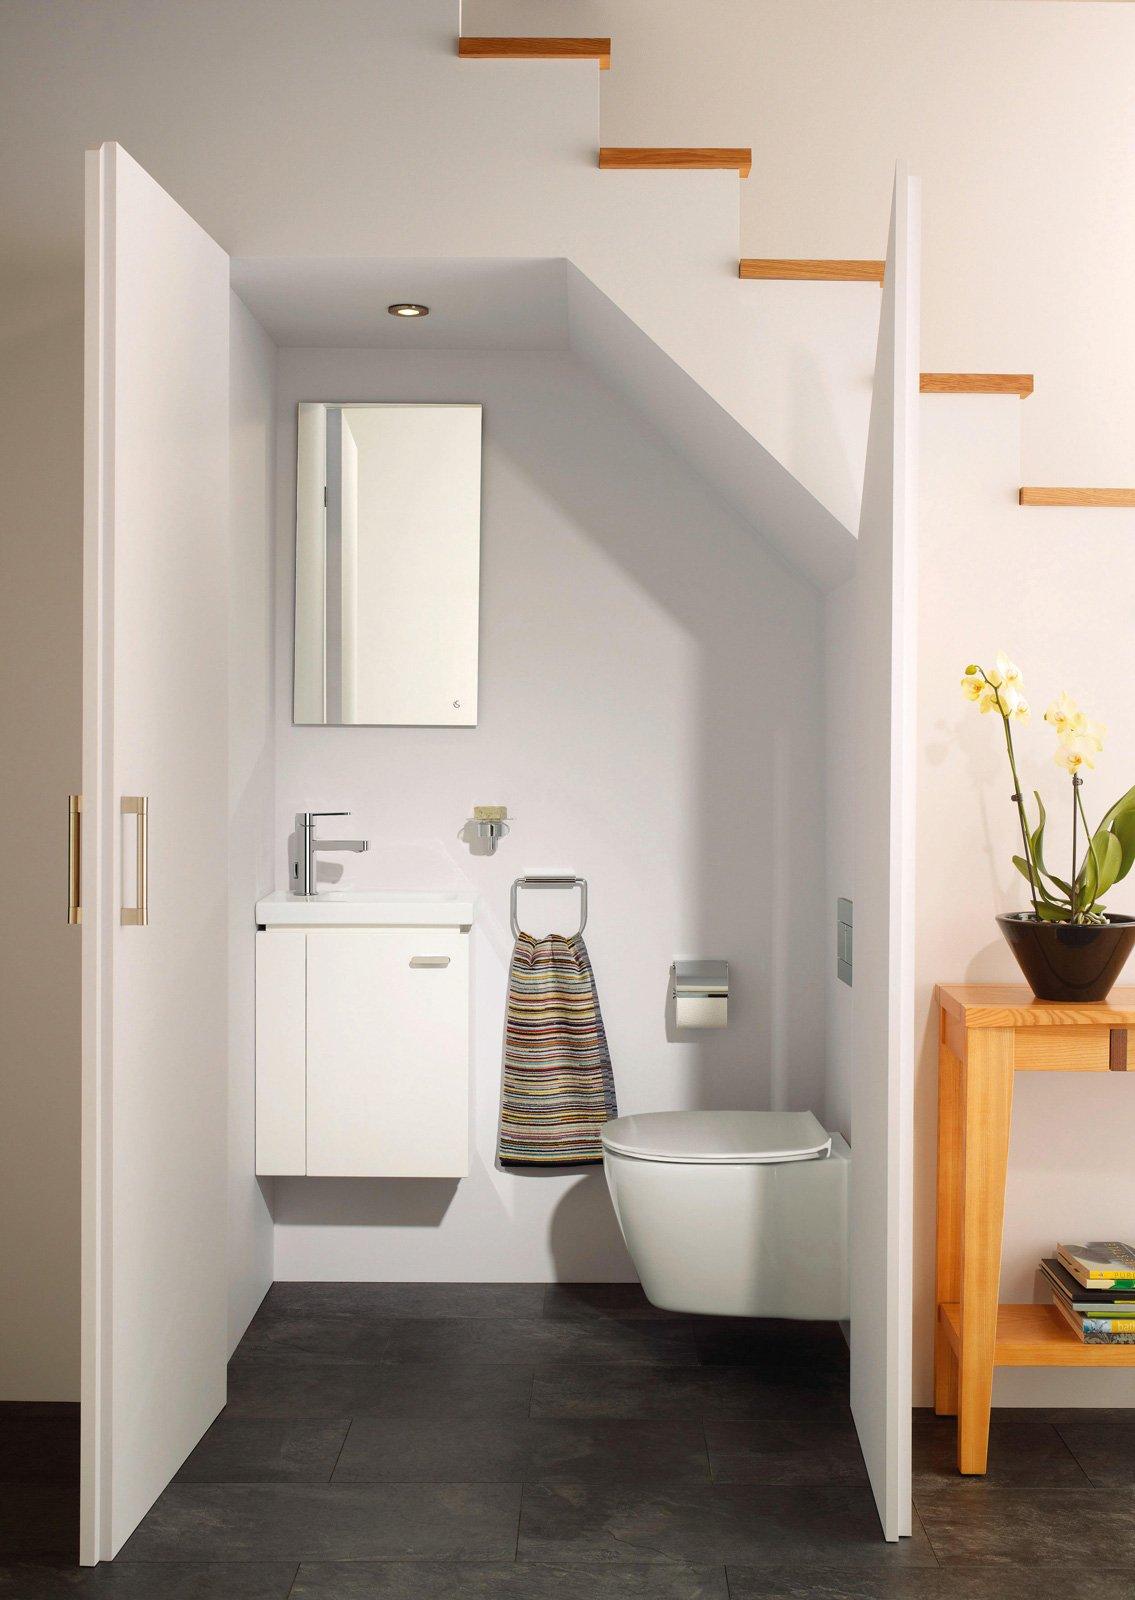 Per il bagno, design e stile per spazi piccoli - Cose di Casa